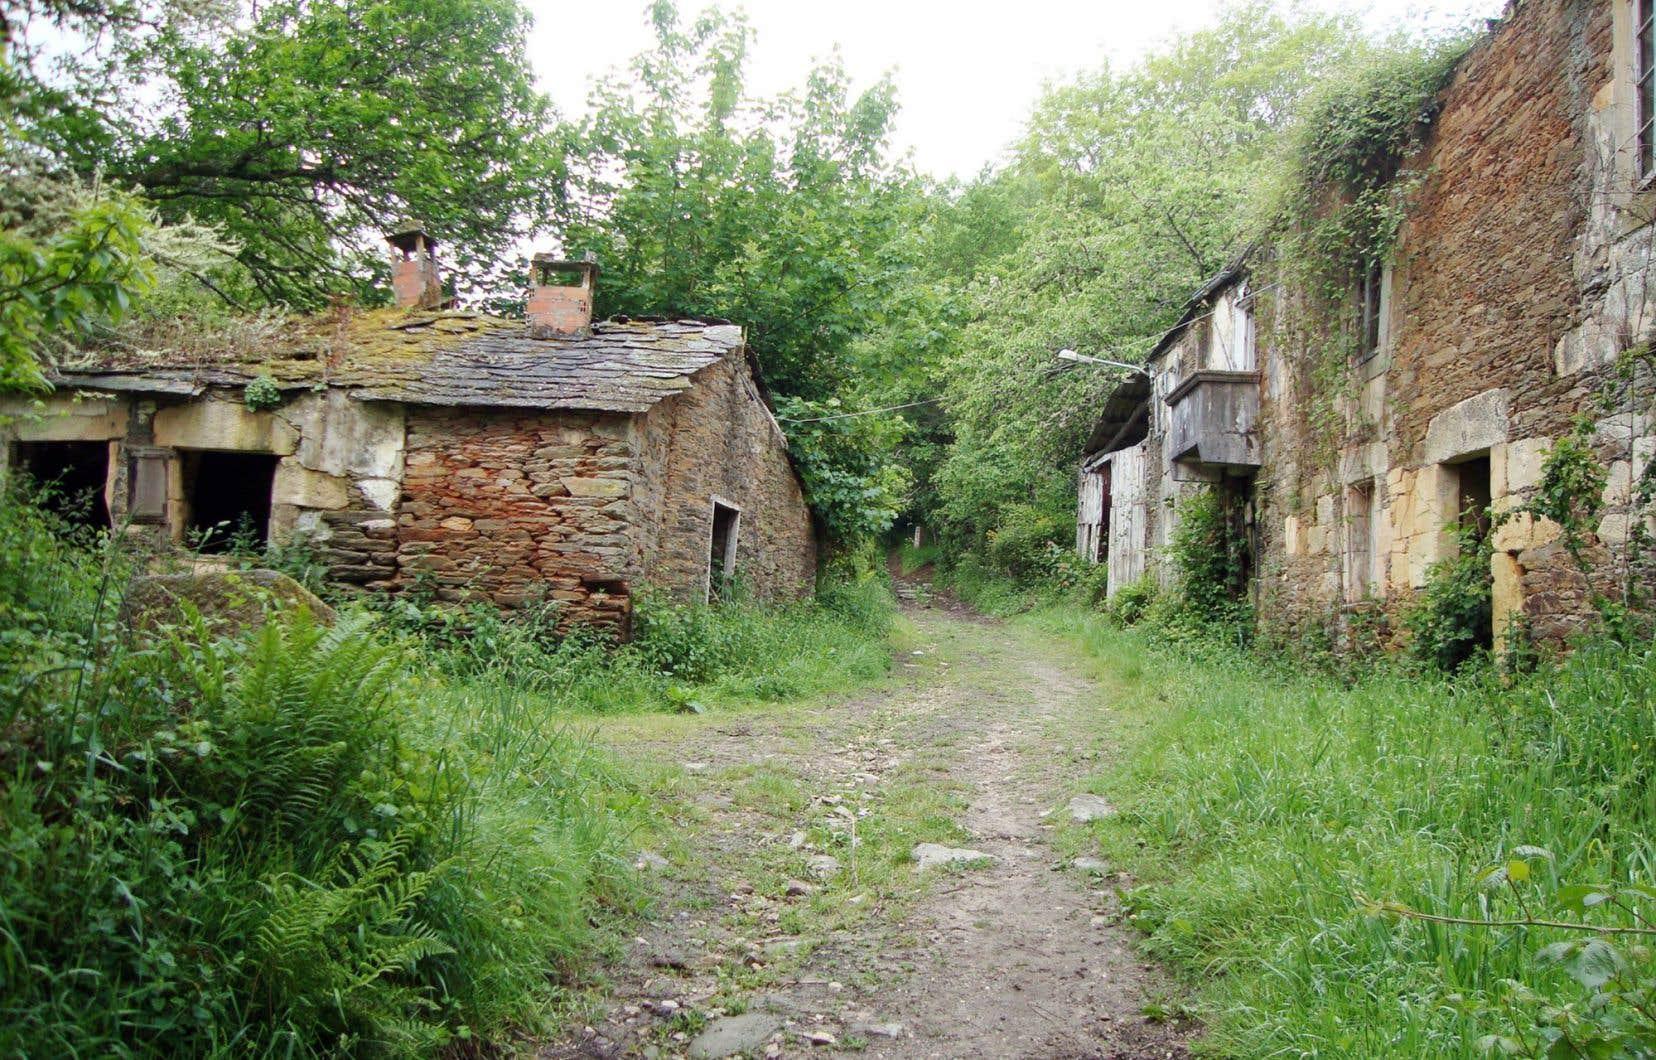 Maisons abandonnées sur le Chemin du Nord, le Camino del Norte. Les pèlerins ayant emprunté la voie de Soulac, en France, y poursuivent leur périple en terre espagnole.